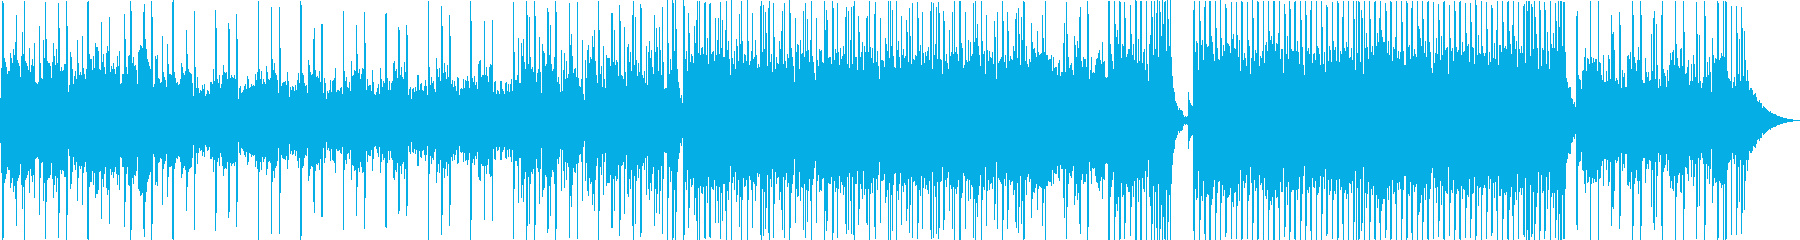 和風チルアウト♪しっとり幻想的♪切ないの再生済みの波形